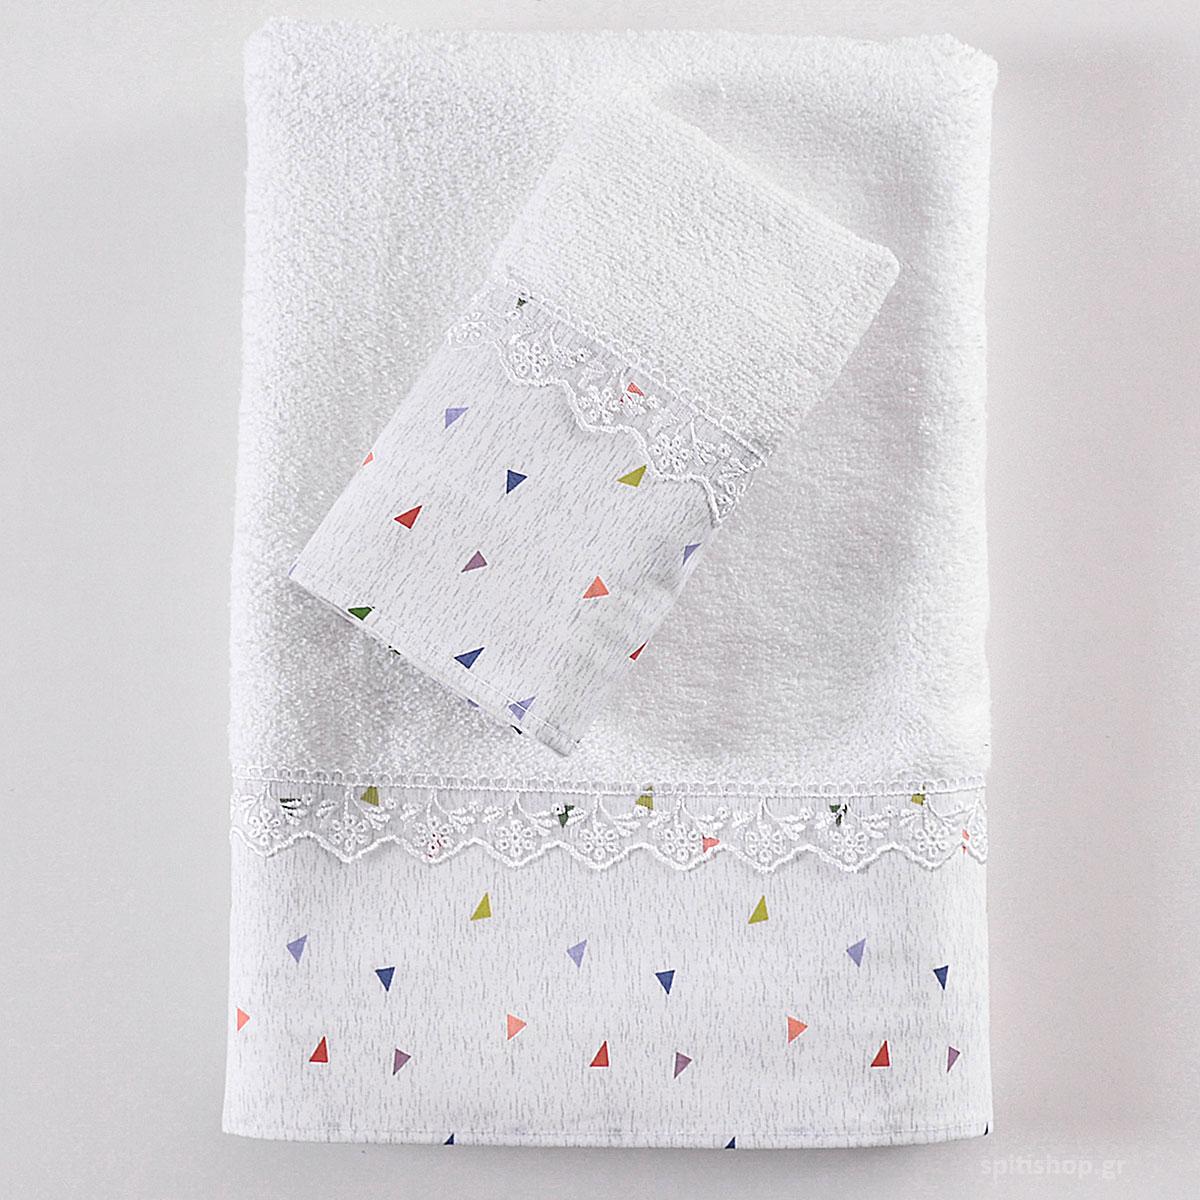 Παιδικές Πετσέτες (Σετ 3τμχ) Rythmos Confetti Grey ΣΥΣΚΕΥΑΣΙΑ ΣΑΚΟΥΛΑ ΣΥΣΚΕΥΑΣΙΑ ΣΑΚΟΥΛΑ